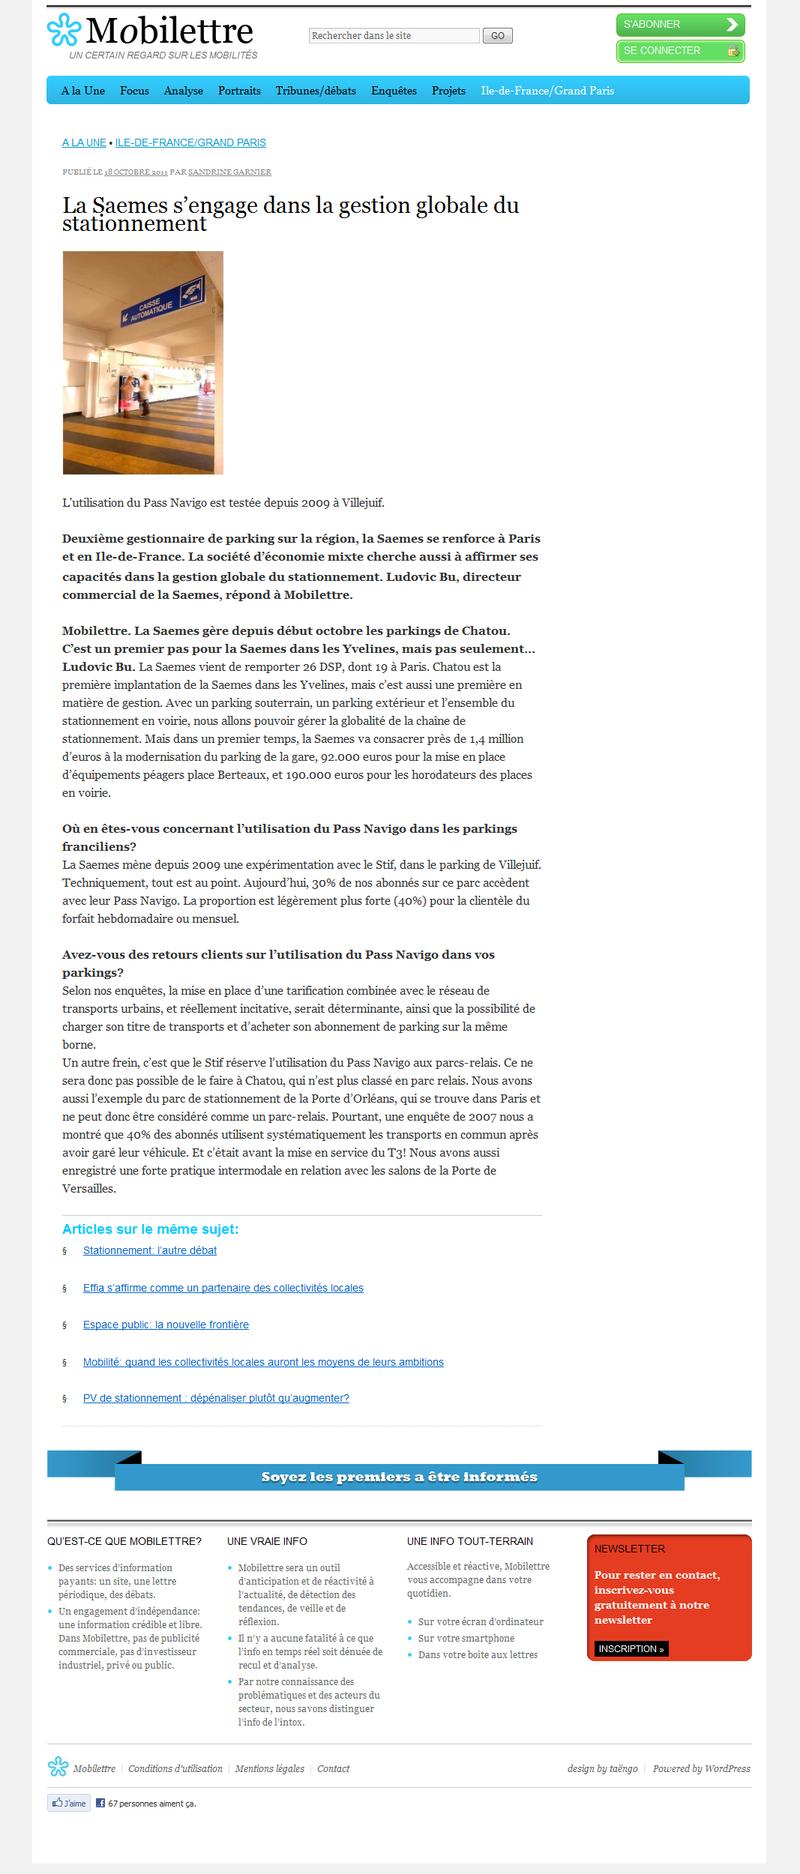 Mobilettre - La Saemes s'engage dans la gestion globale du stationnement (18 octobre 2011)